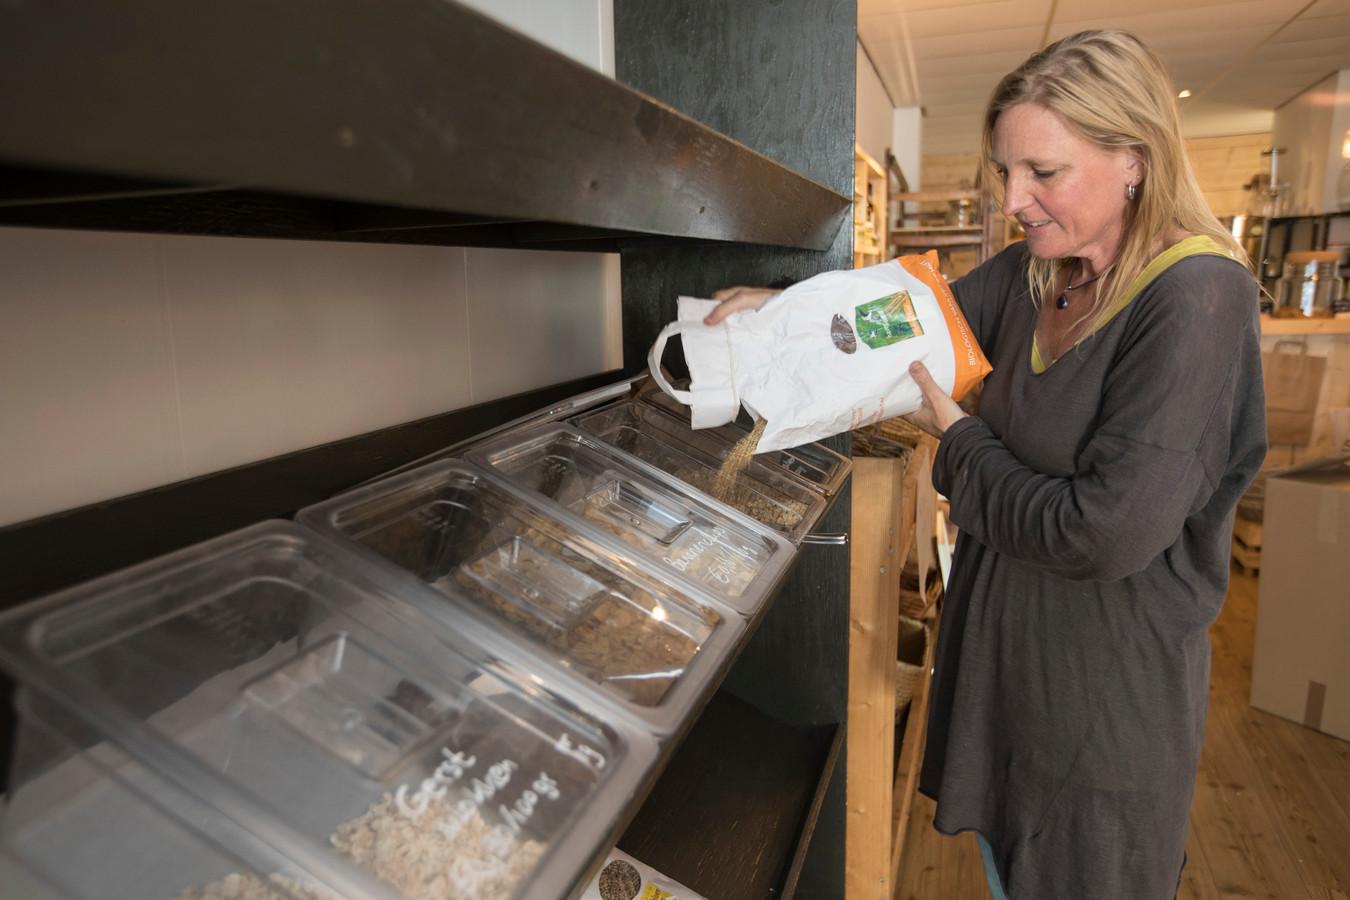 Leegverkoop bij de verpakkingsvrije winkel Goods Only, Idealiste Marjolijn Kulsdom kan het alleen niet meer bolwerken en sluit daarom de deuren.